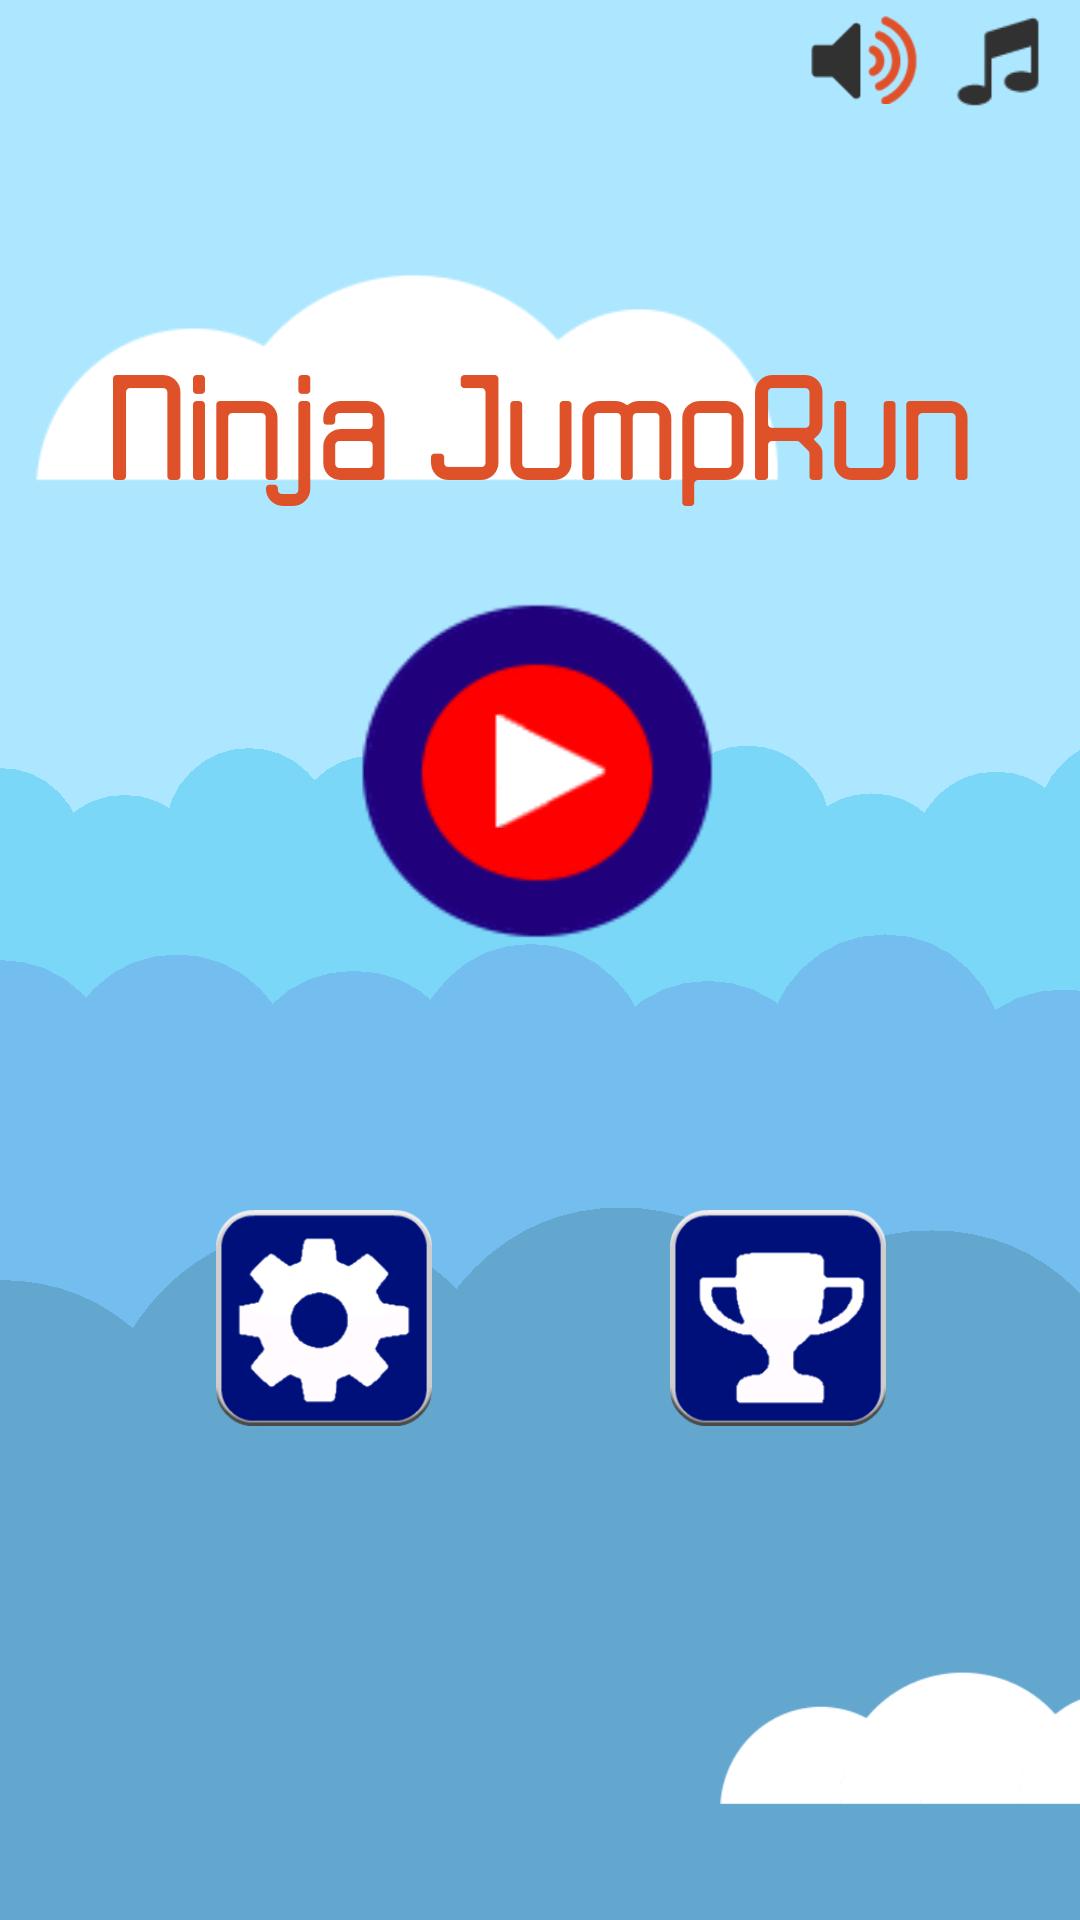 Ninja Yuccies jump run